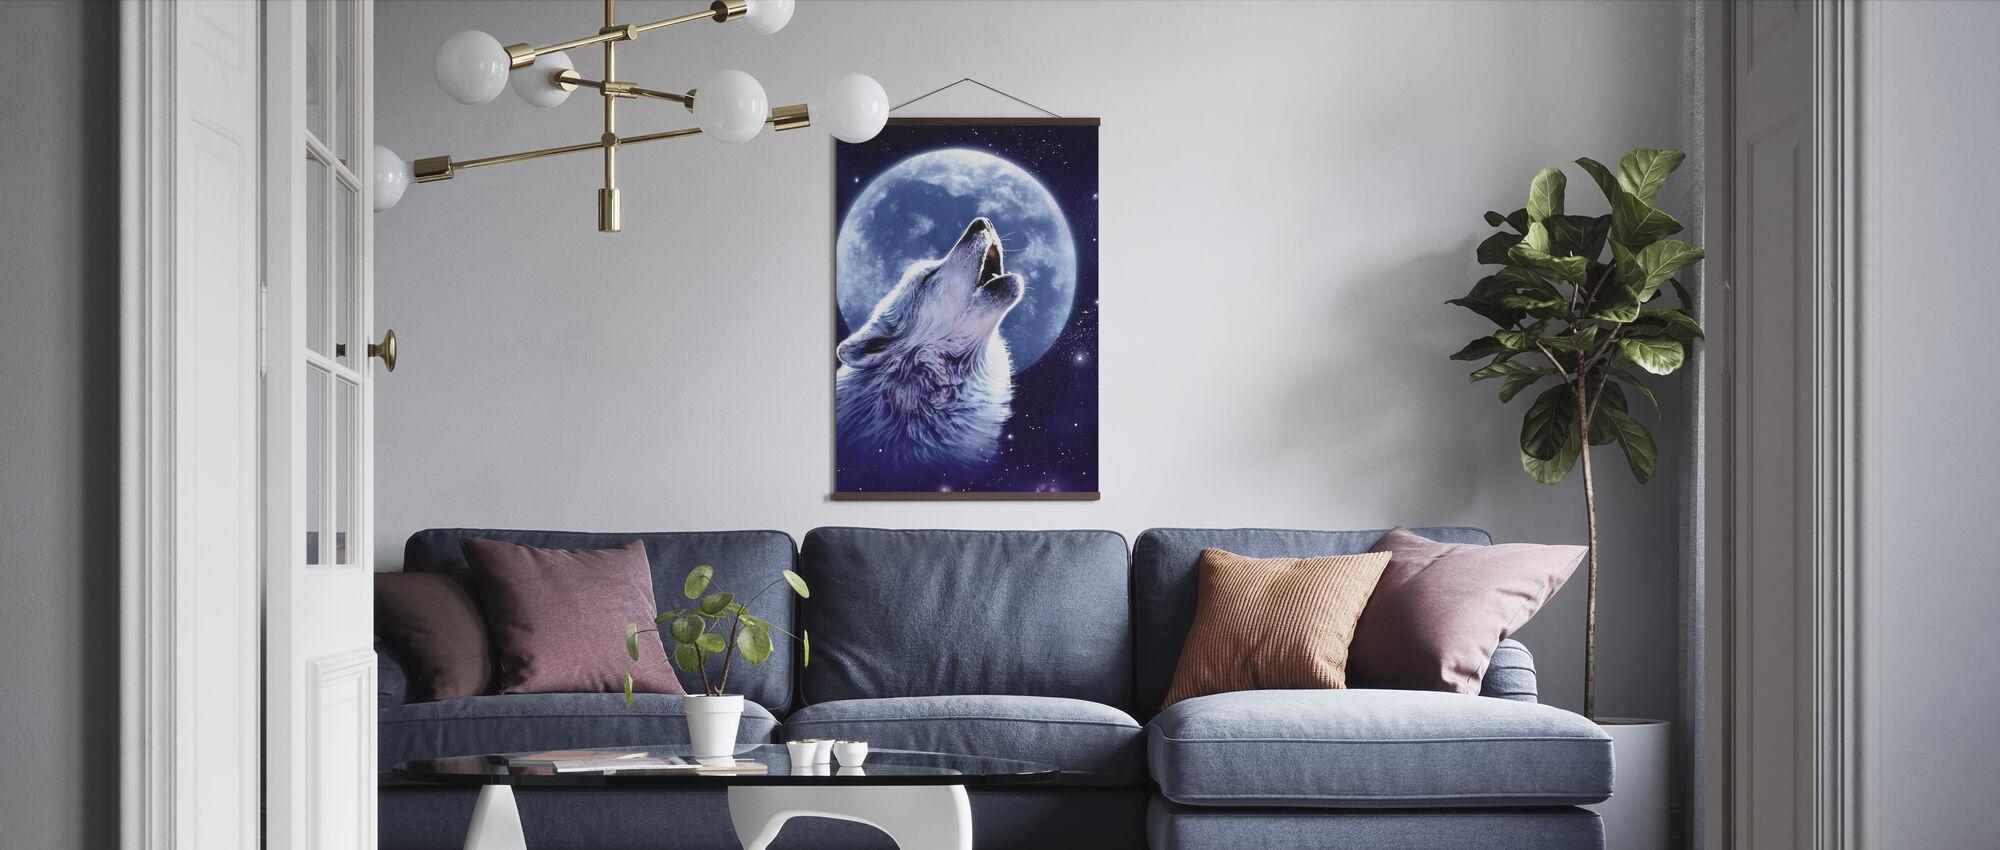 Ring av vill - ulv - Plakat - Stue